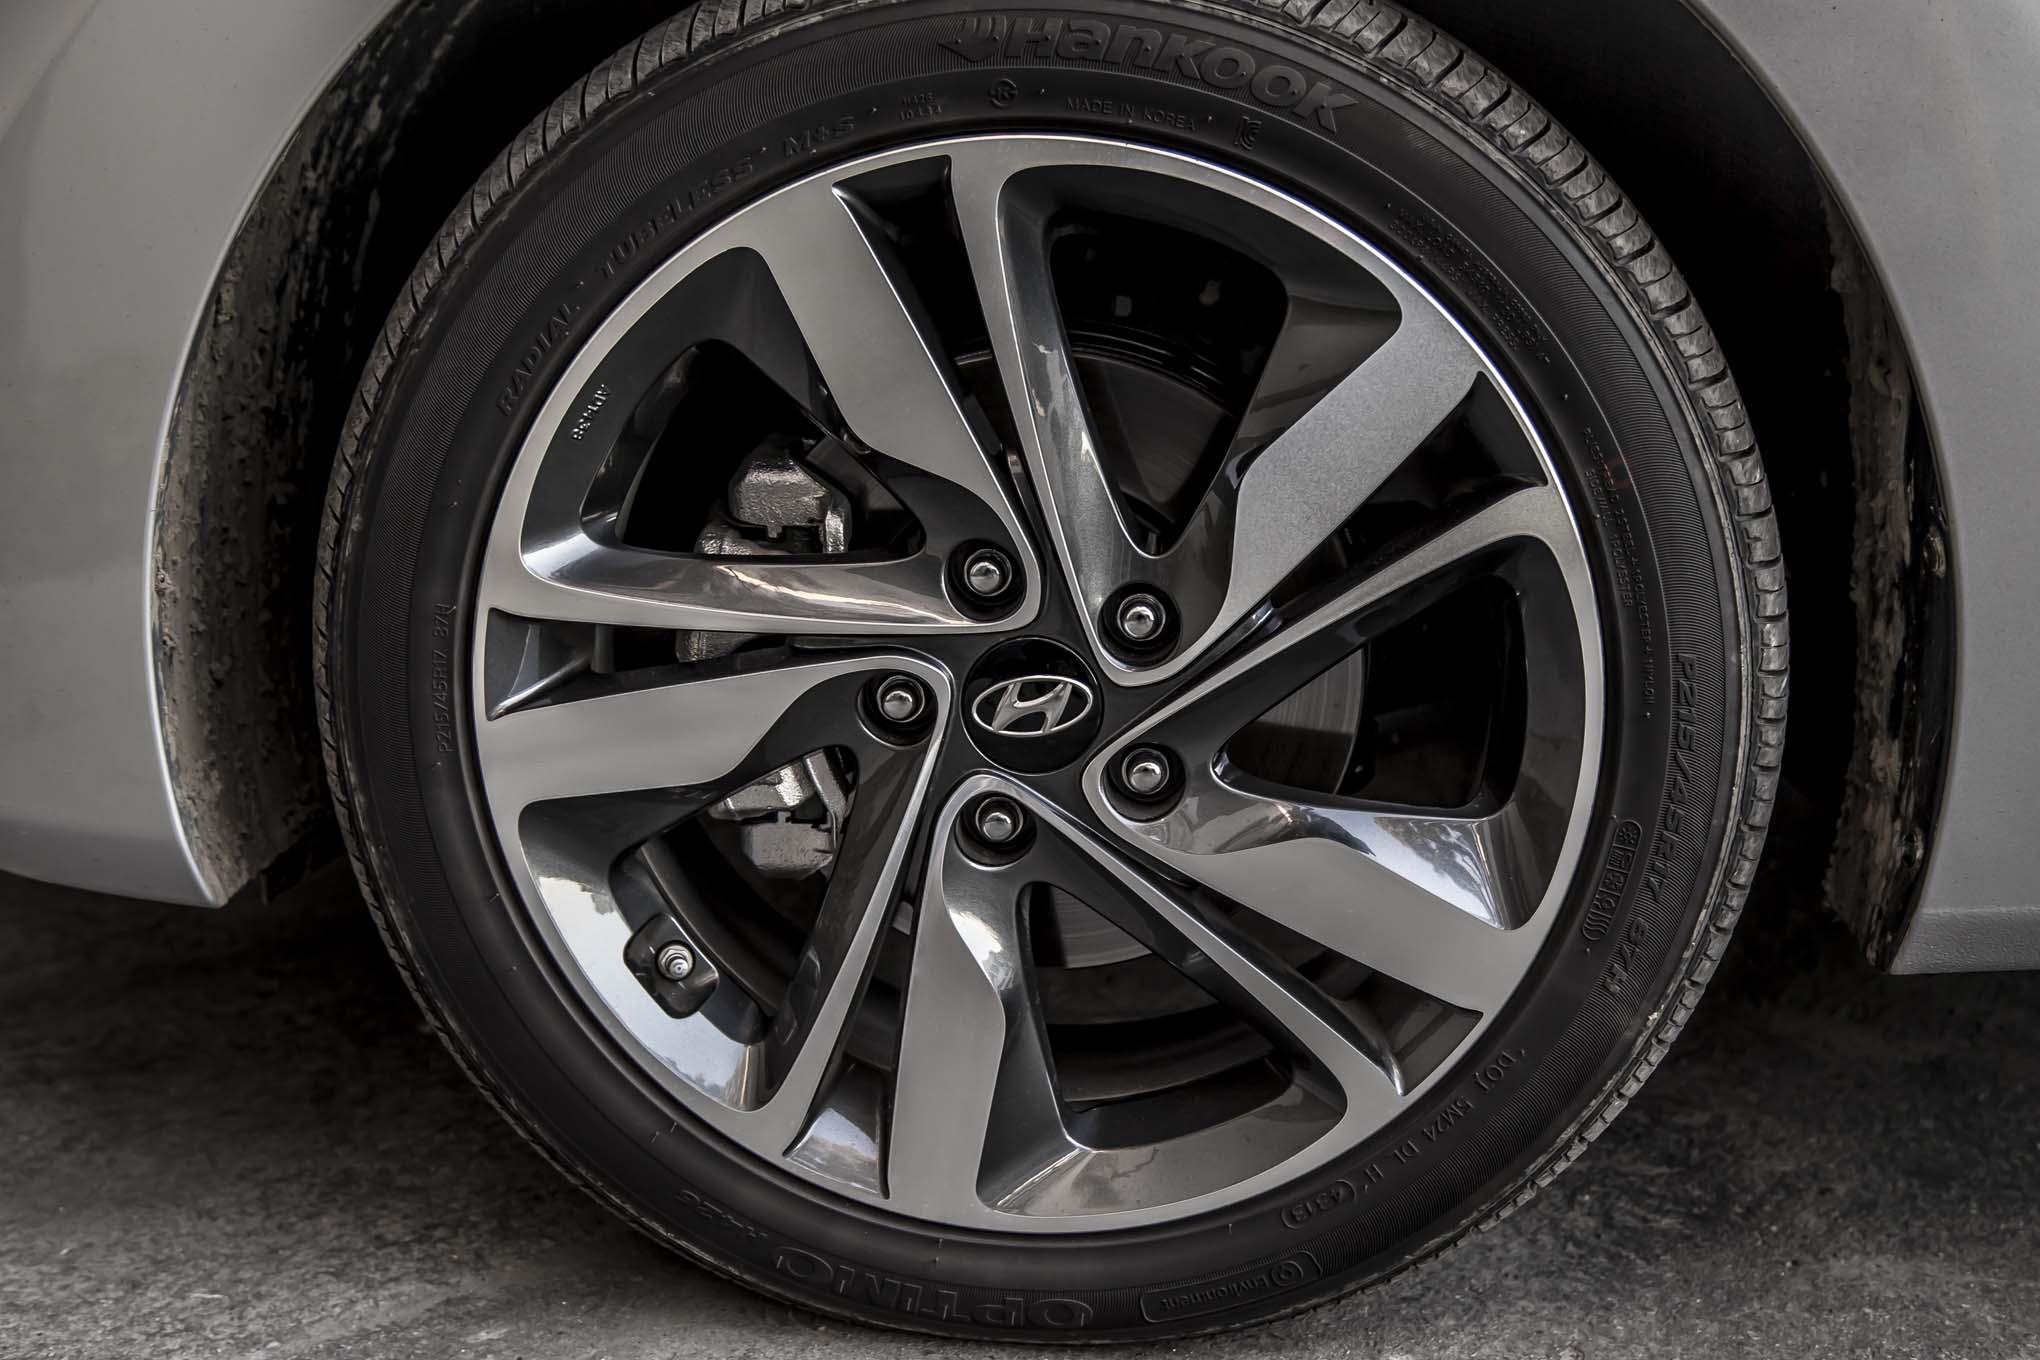 2012 Hyundai Elantra Tire Size >> 2012 Hyundai Elantra Tire Size Auto Car Reviews 2019 2020